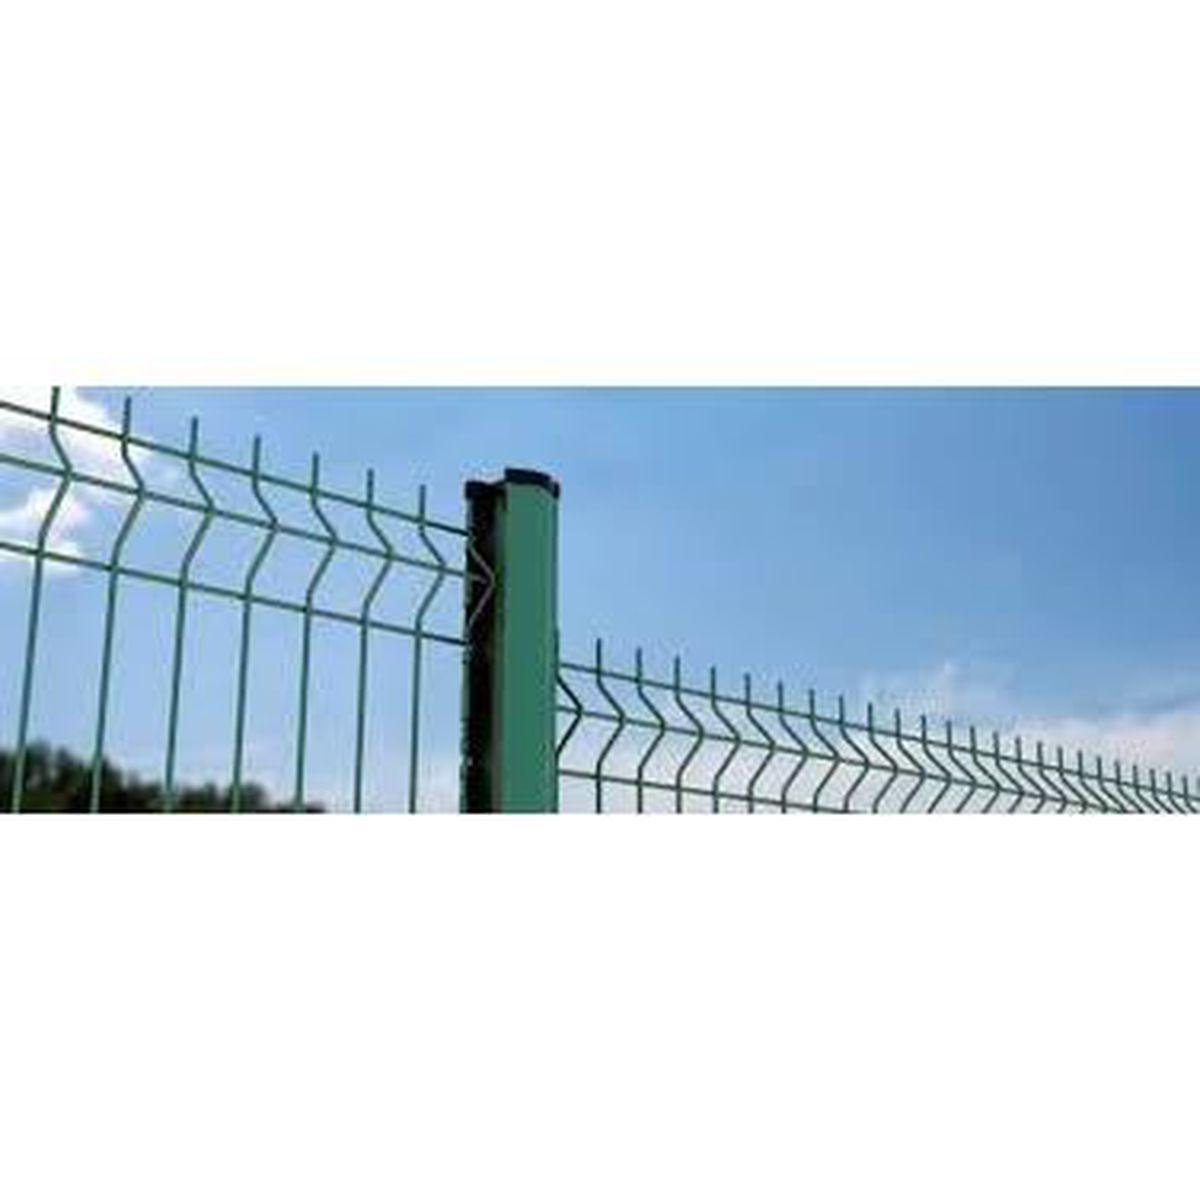 Brise Vue Hauteur 1M70 kit de 250ml de clôture rigide (vert ral 6005) comprenant